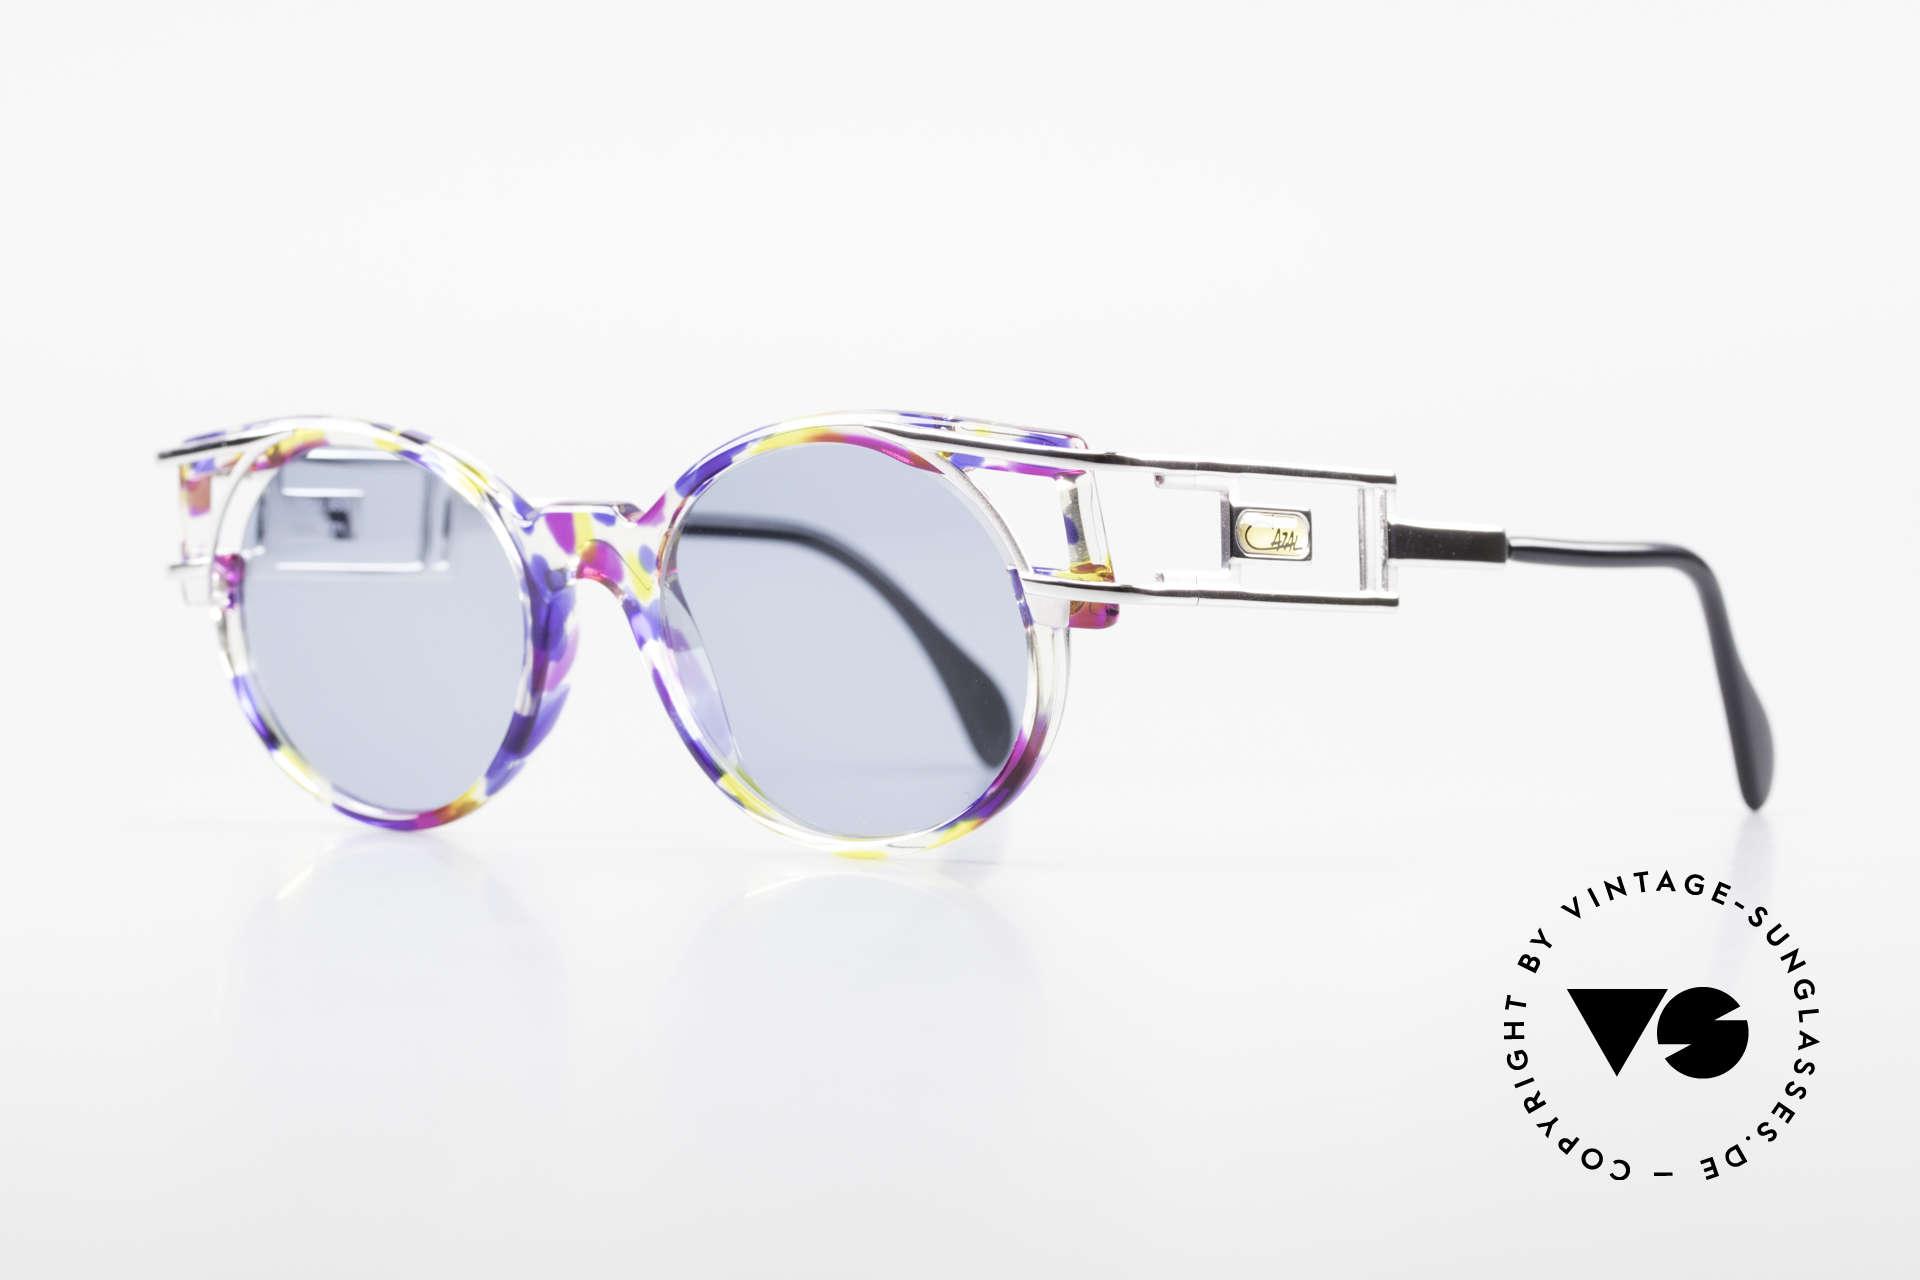 Cazal 353 Alte Cazal Hip Hop Brille 90er, Bügelform identisch dem legendären Cazal Mod. 958, Passend für Herren und Damen